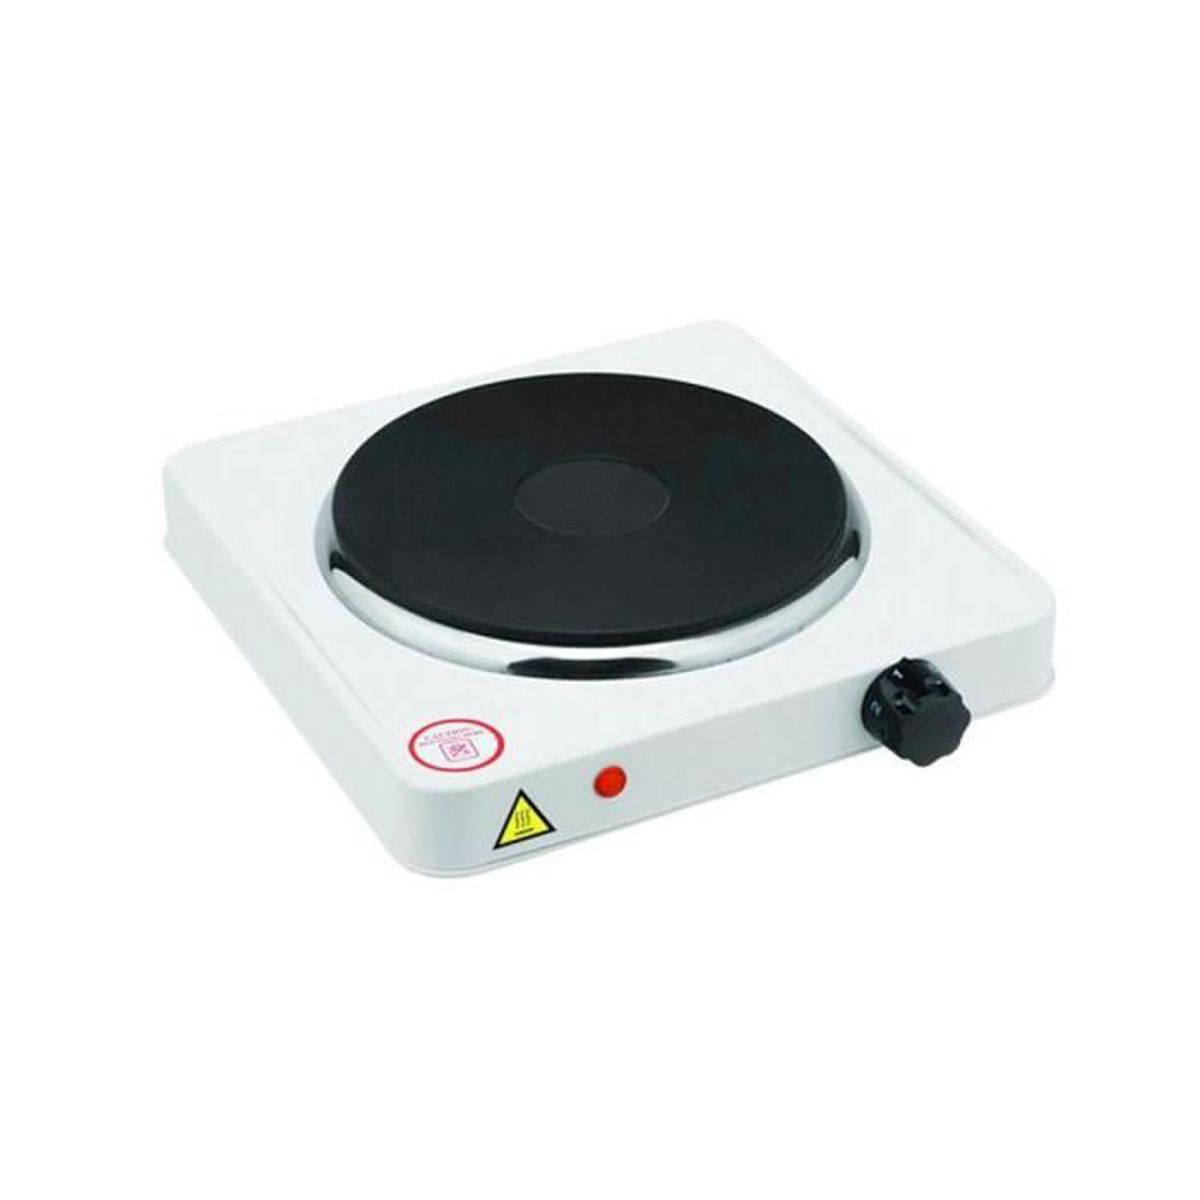 Demonter Plaque De Cuisson Electrique jpwonline - todofácil - plaque de cuisson éléctrique 1 feu 1000w